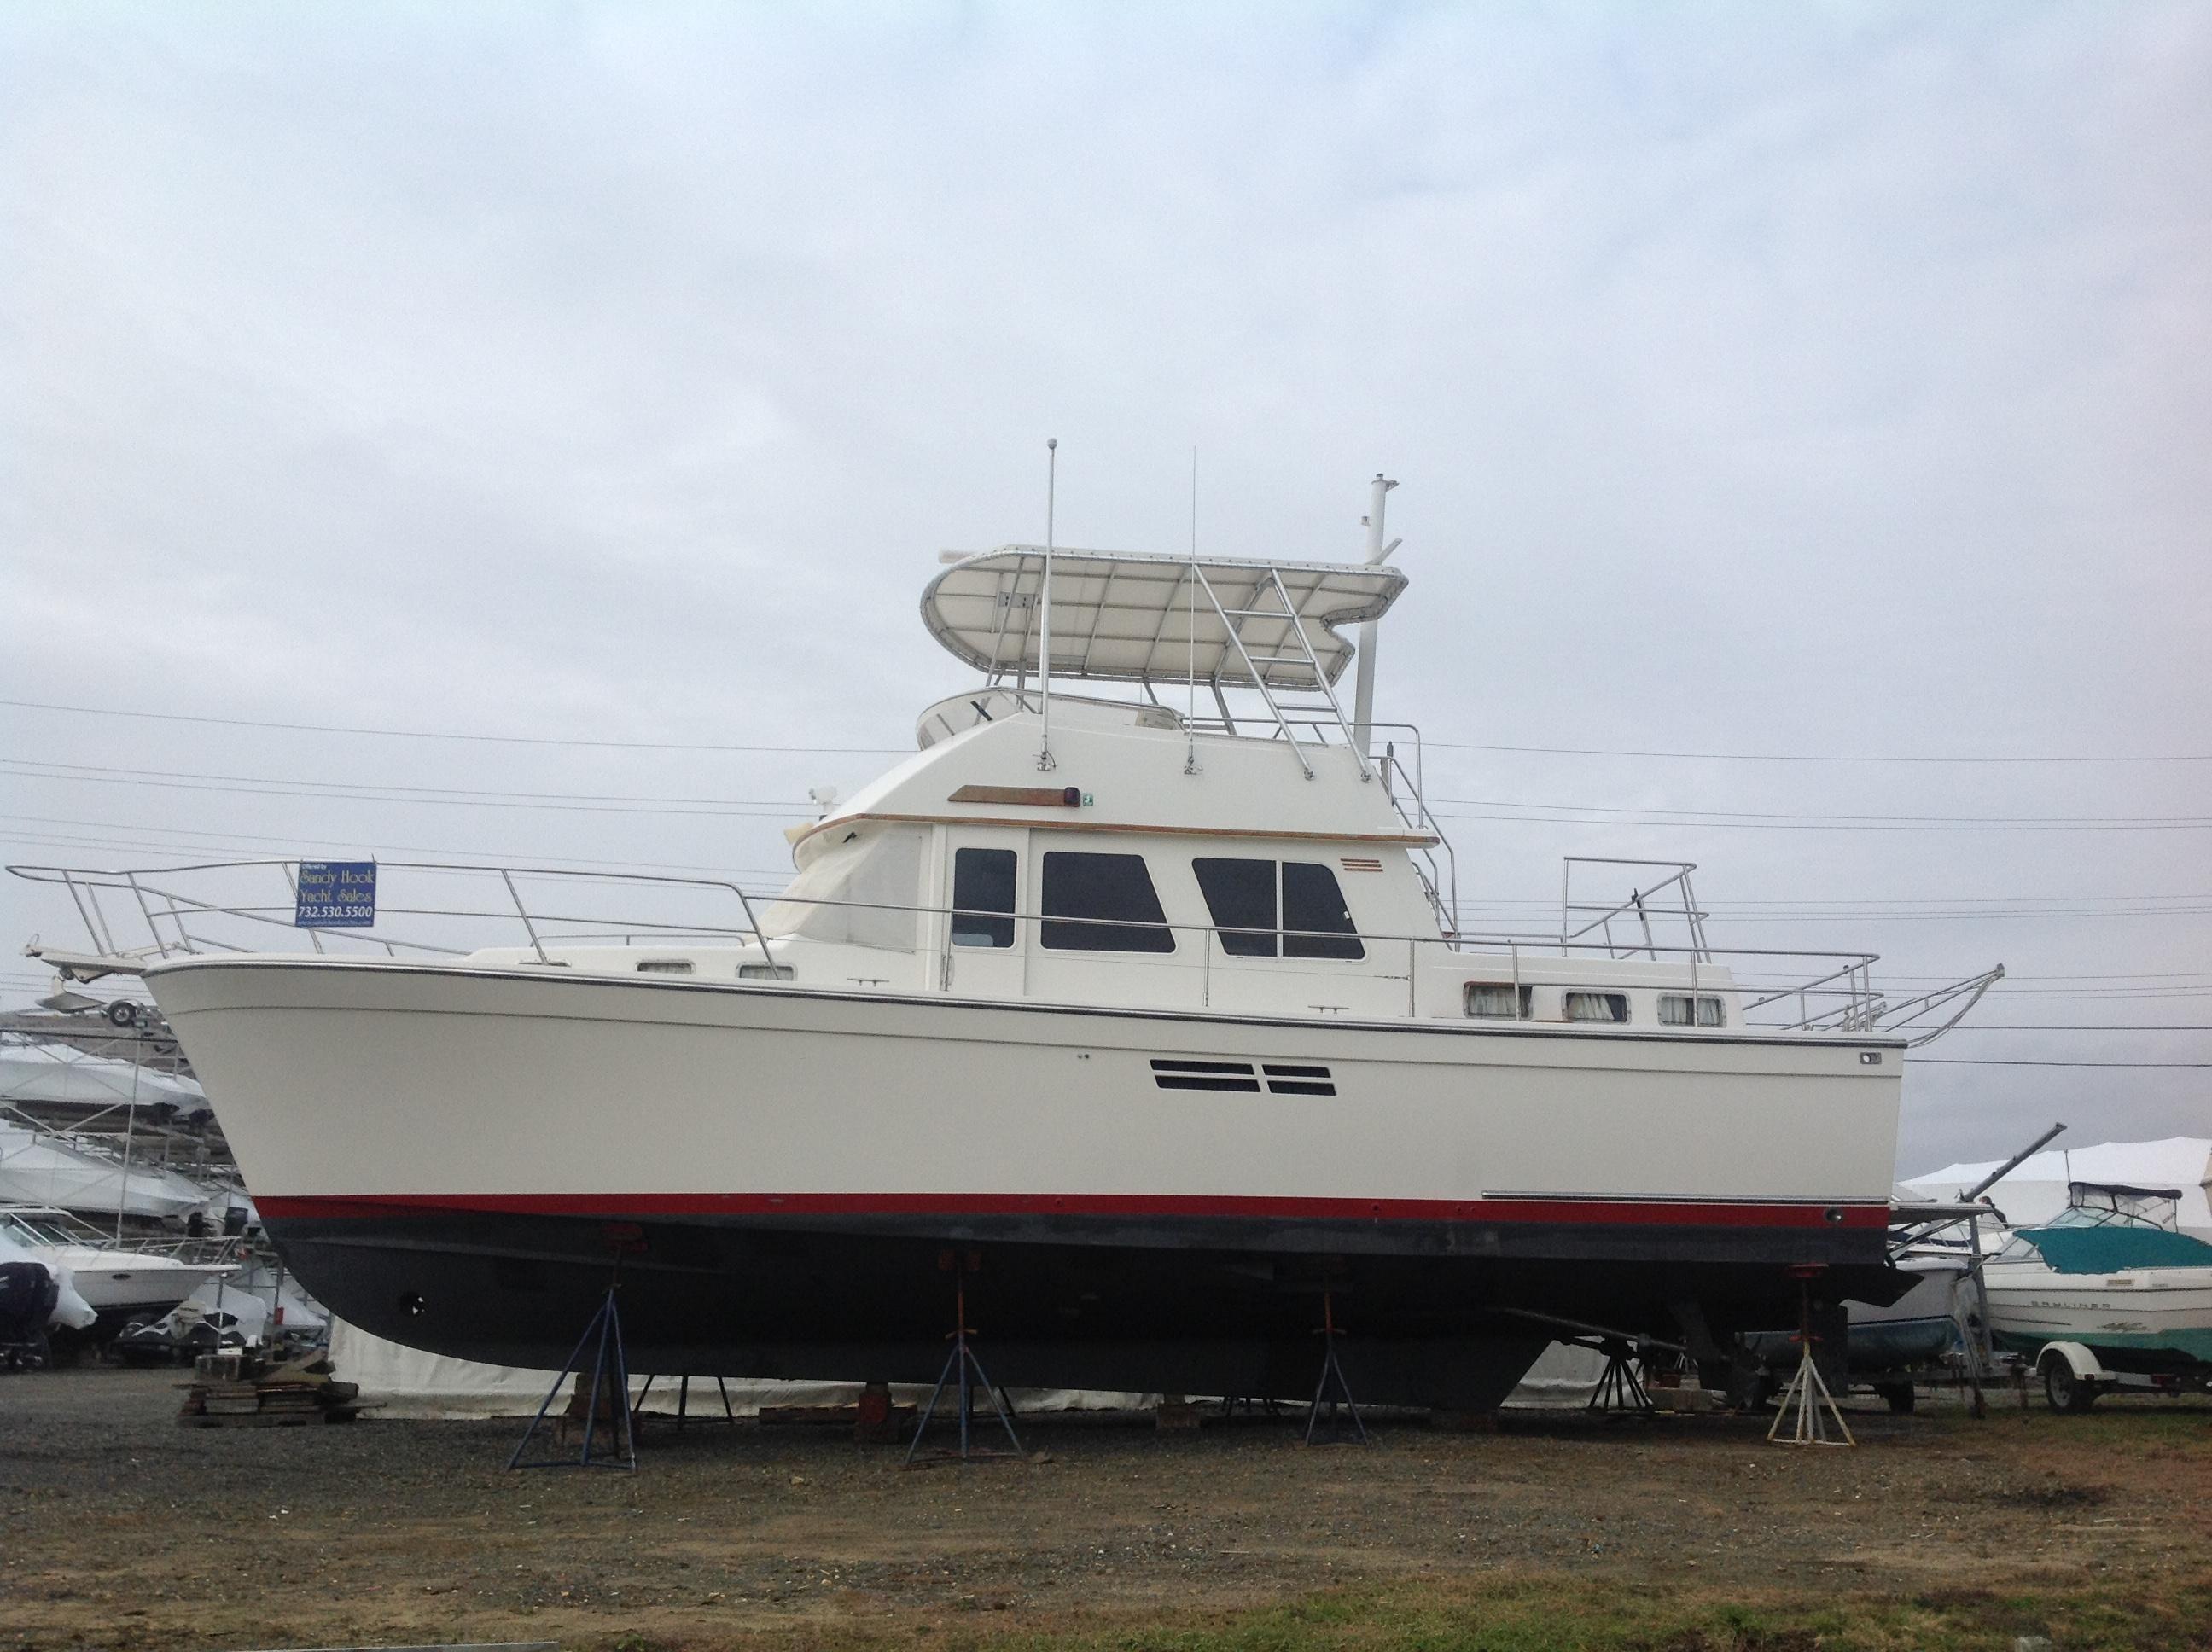 1997 Sabre 43 Motoryacht Power Boat For Sale Www